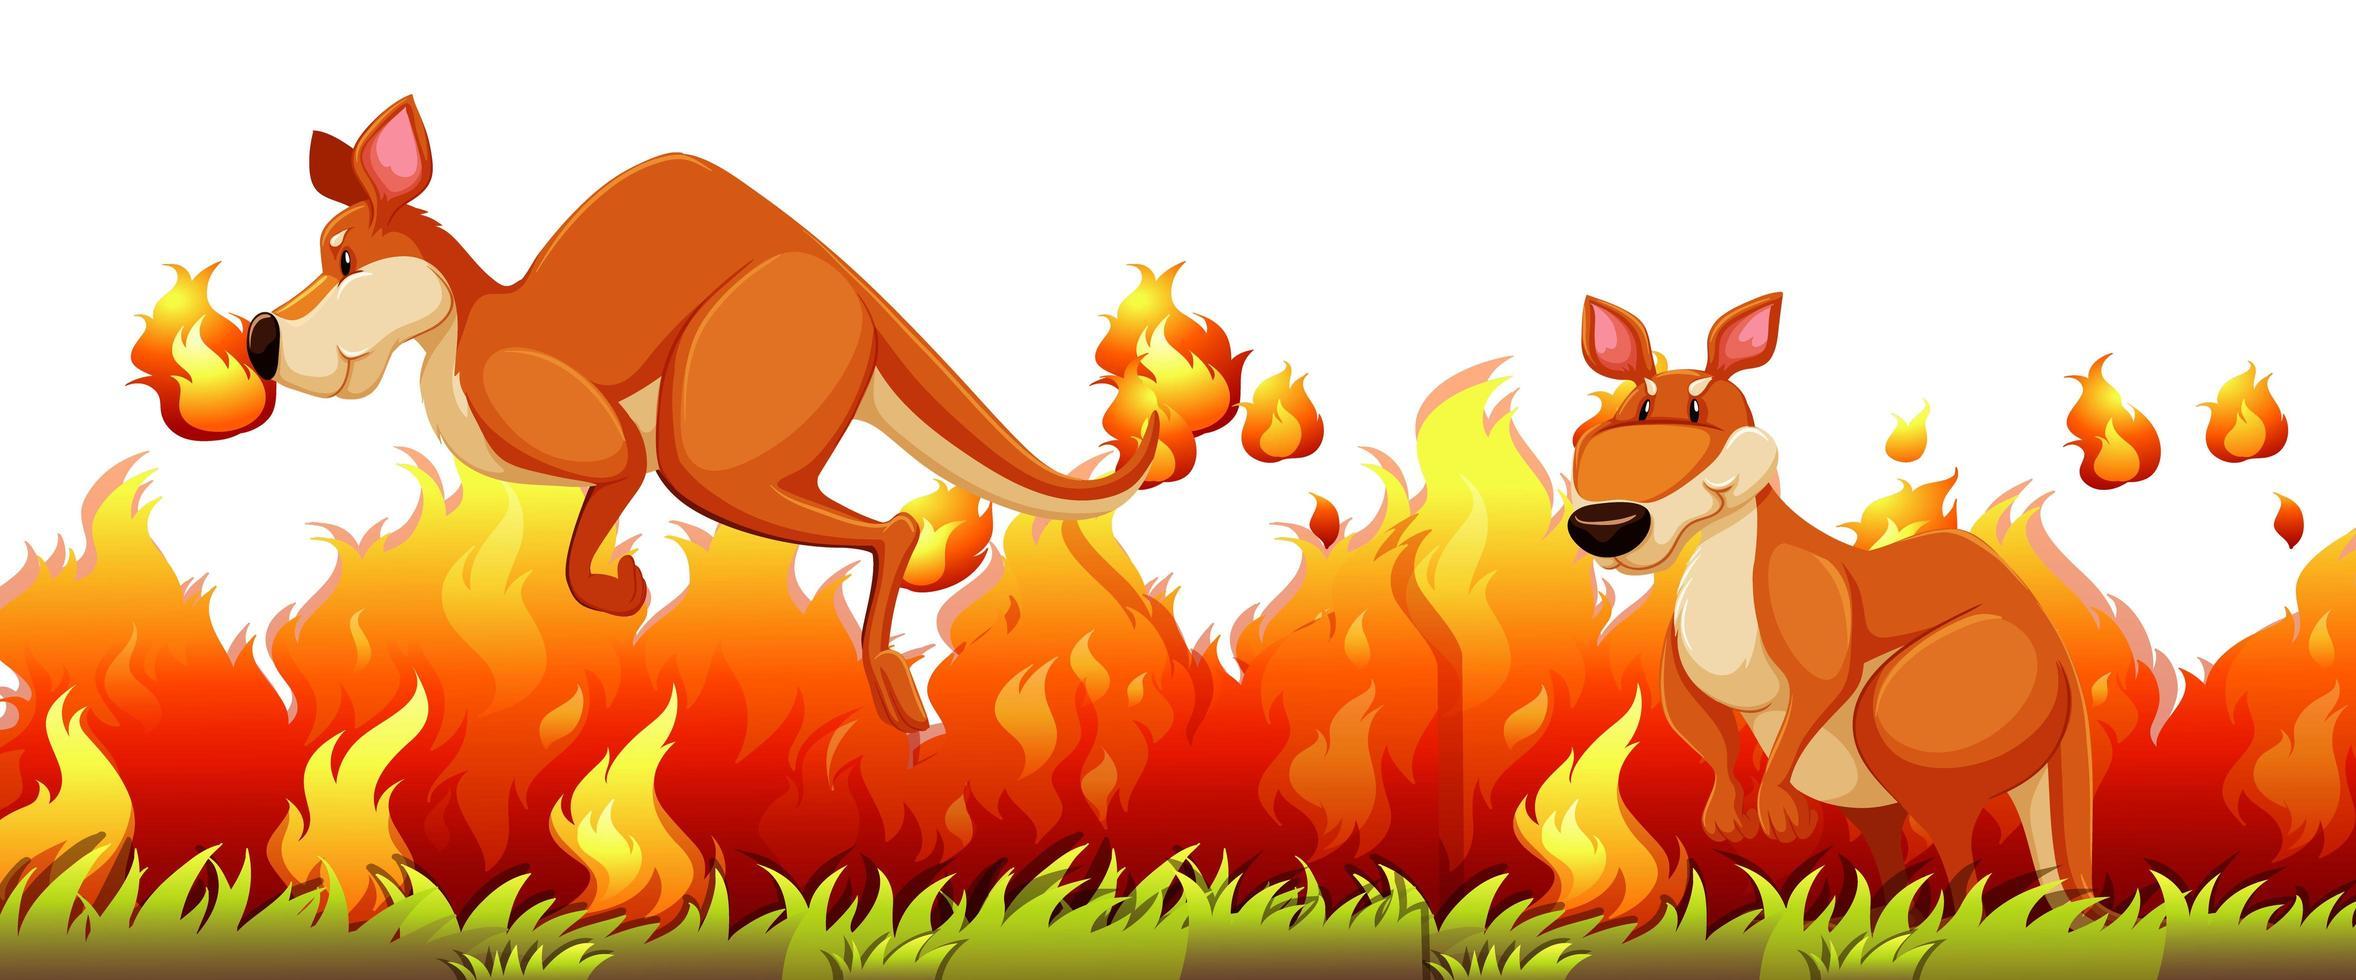 Kangaroo escape the bushfire vector